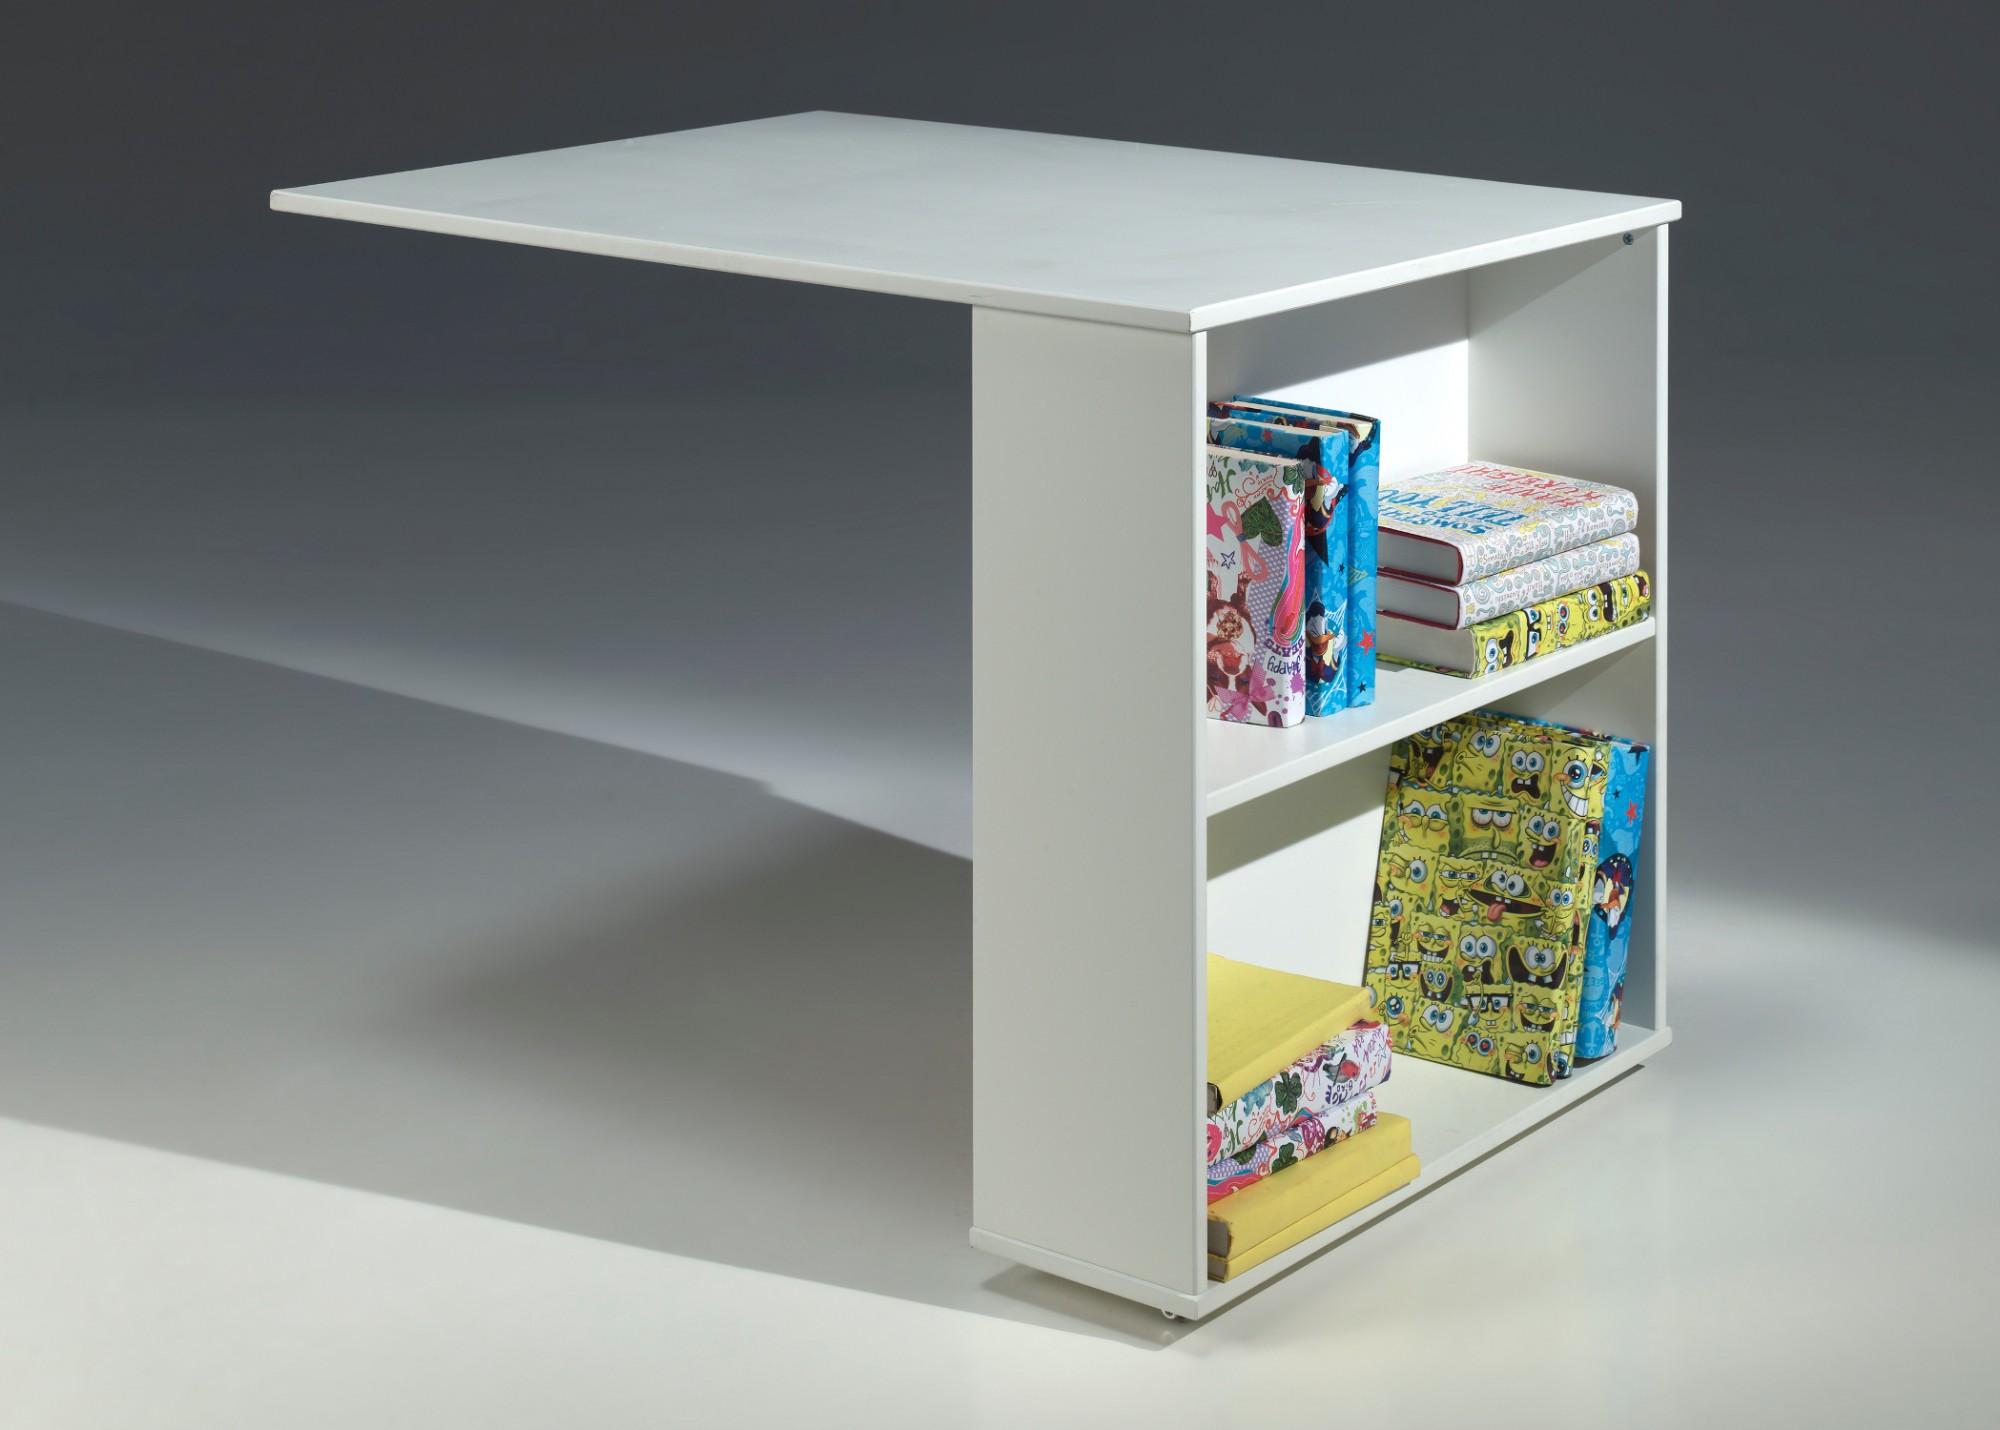 funktions hochbett pino mit schreibtisch und regal kiefer wei teilmassiv kinder. Black Bedroom Furniture Sets. Home Design Ideas